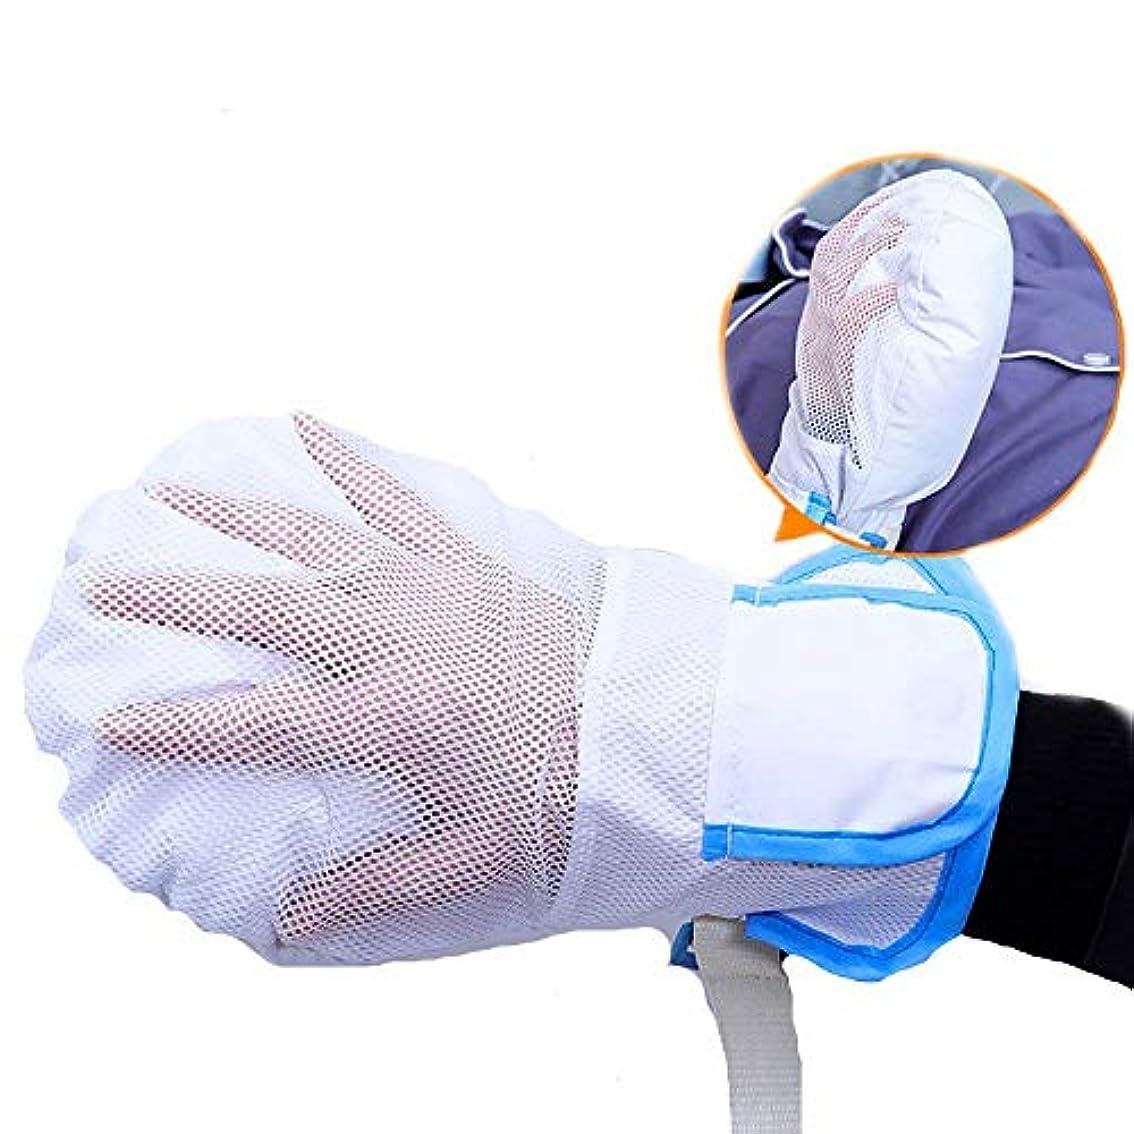 バック文契約するフィンガーコントロールミット、手の拘束、認知症安全拘束手袋ハンドプロテクターを保護します。 (1PCS)